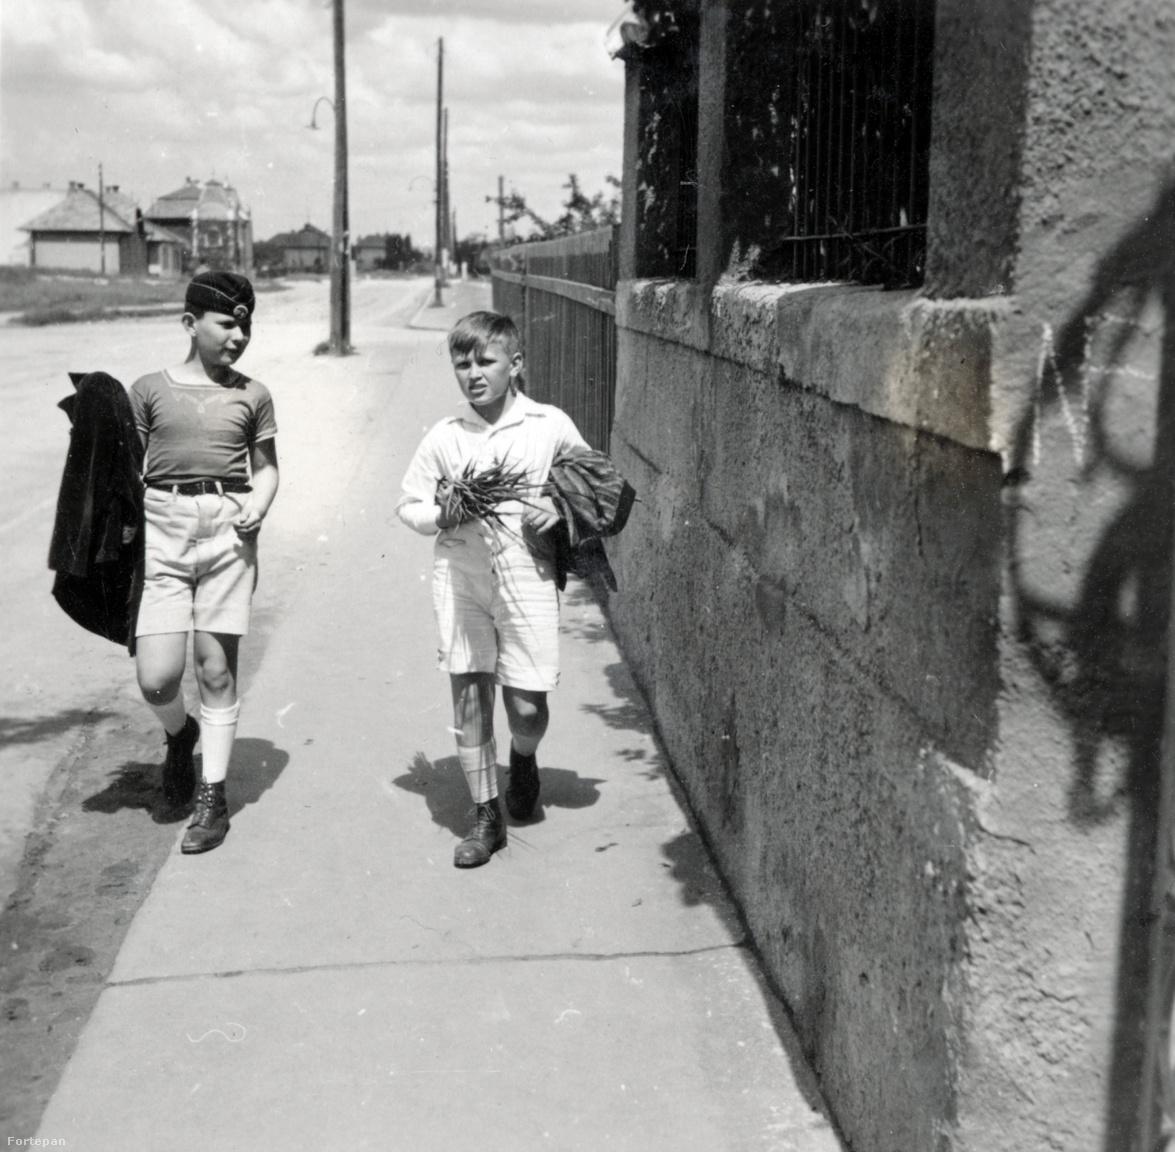 Kinszki Gábor barátjával valahol Zuglóban.A jobb oldali fiú Schleider Jóska, Judit kislánykorának másik nagy szerelme. Jóskának volt egy vetítőgépe, és azon nézték a Kinszki Imre és Gárdonyi Ilona 1926-os esküvőjén készült, azóta elveszett kisfilmet. Ilona Lakner bácsi gyerekszínházában titkárnősködött, tőle kölcsönözték a ruhákat és nyitott kocsival mentek végig a Rákóczi úton.